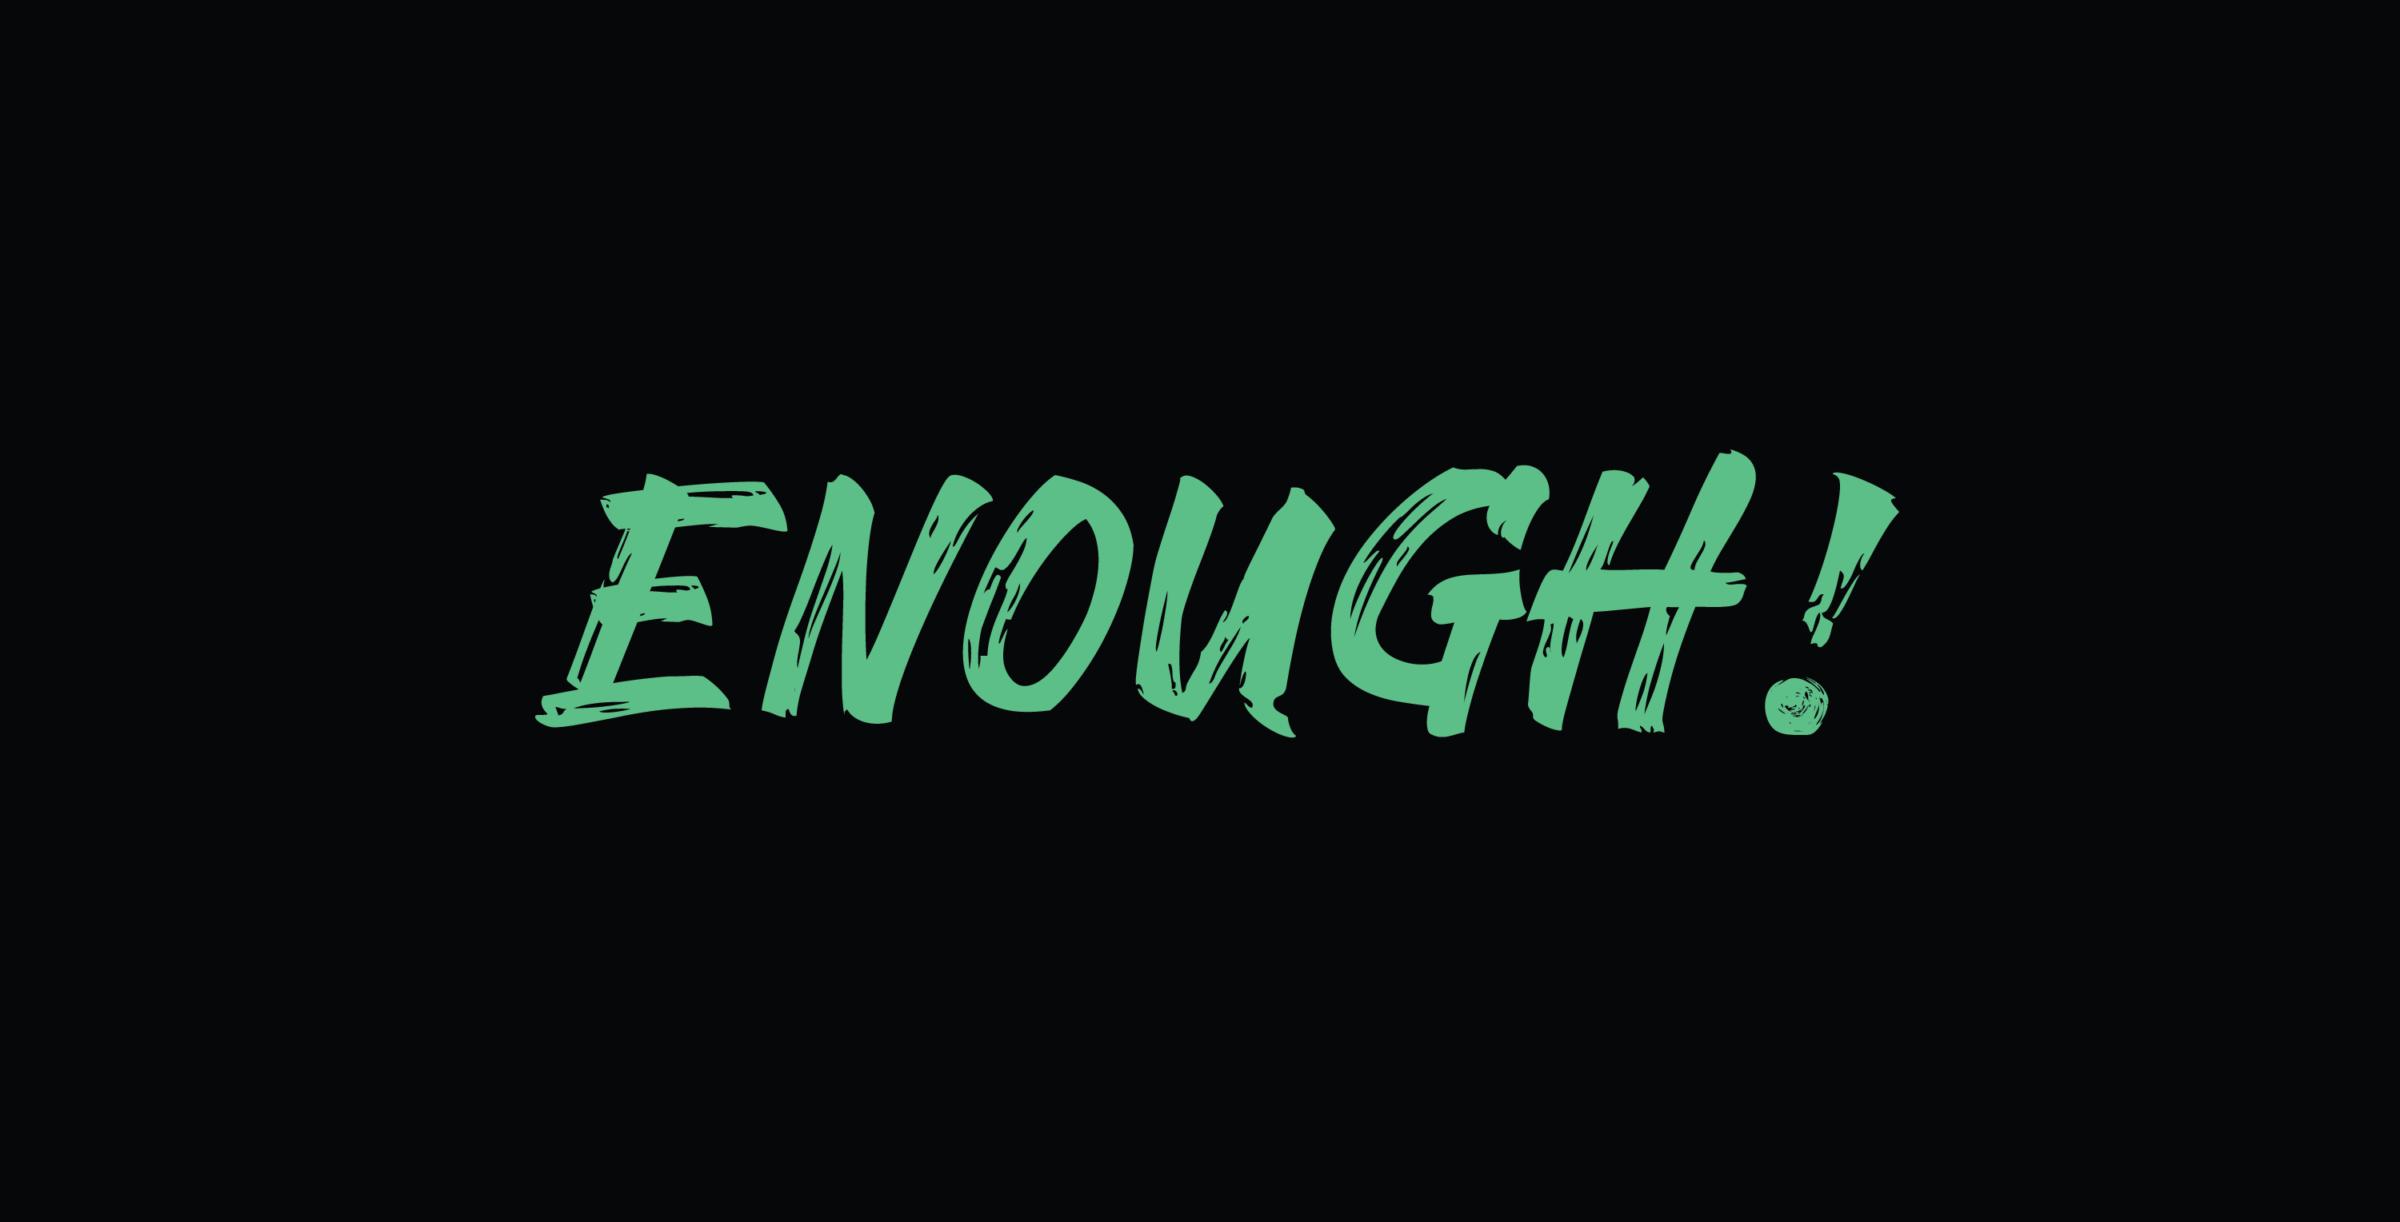 ENOUGH! Logo - Green on Black (2)